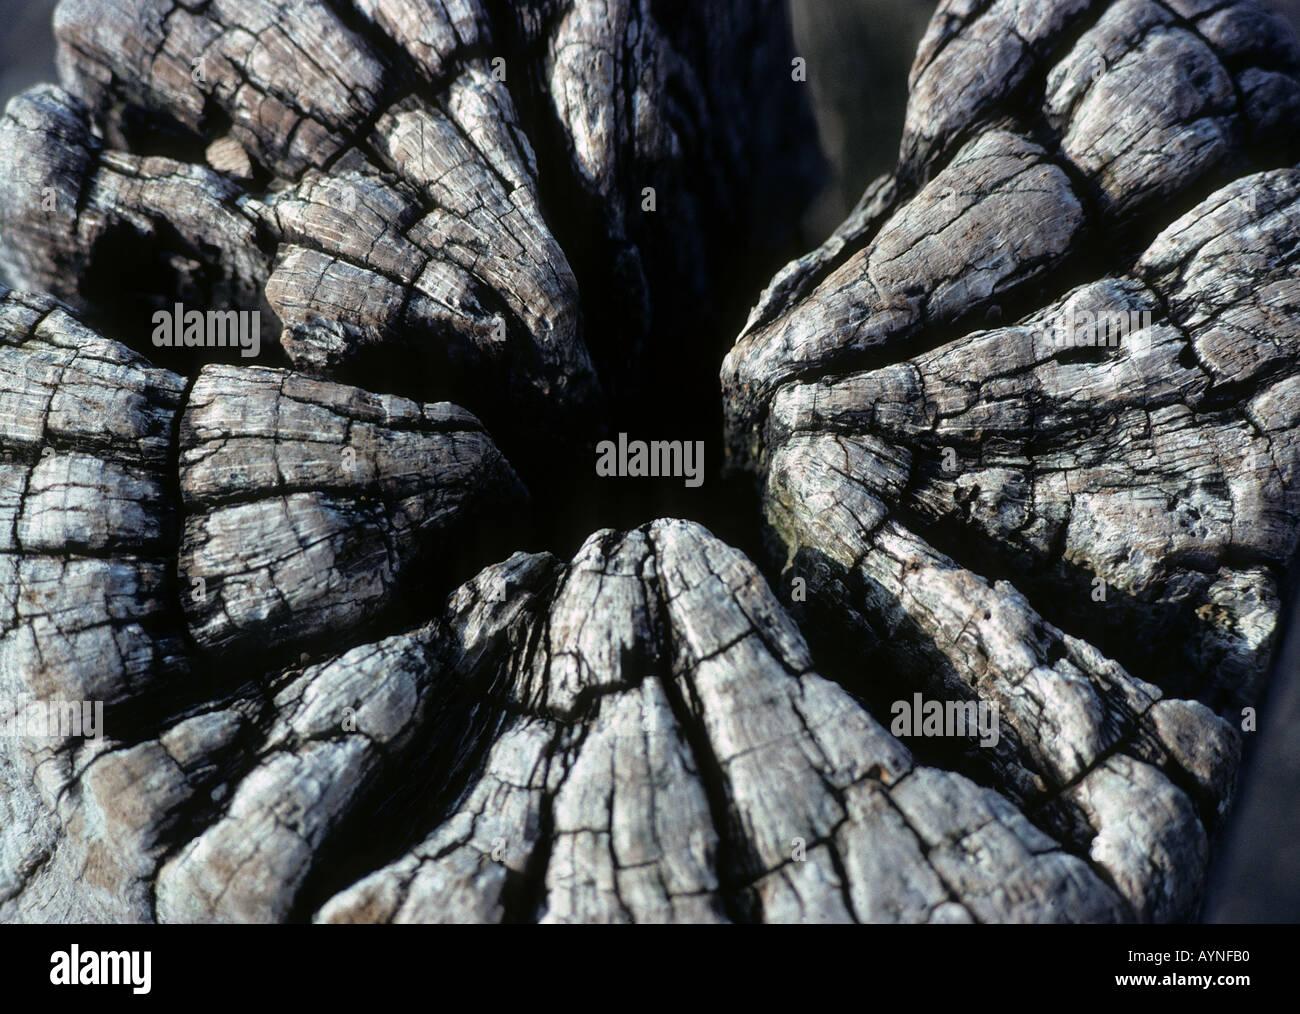 Nahaufnahme von verwittertem Holz gebleicht stumpf Unterstützung von einem verlassenen pier Stockfoto